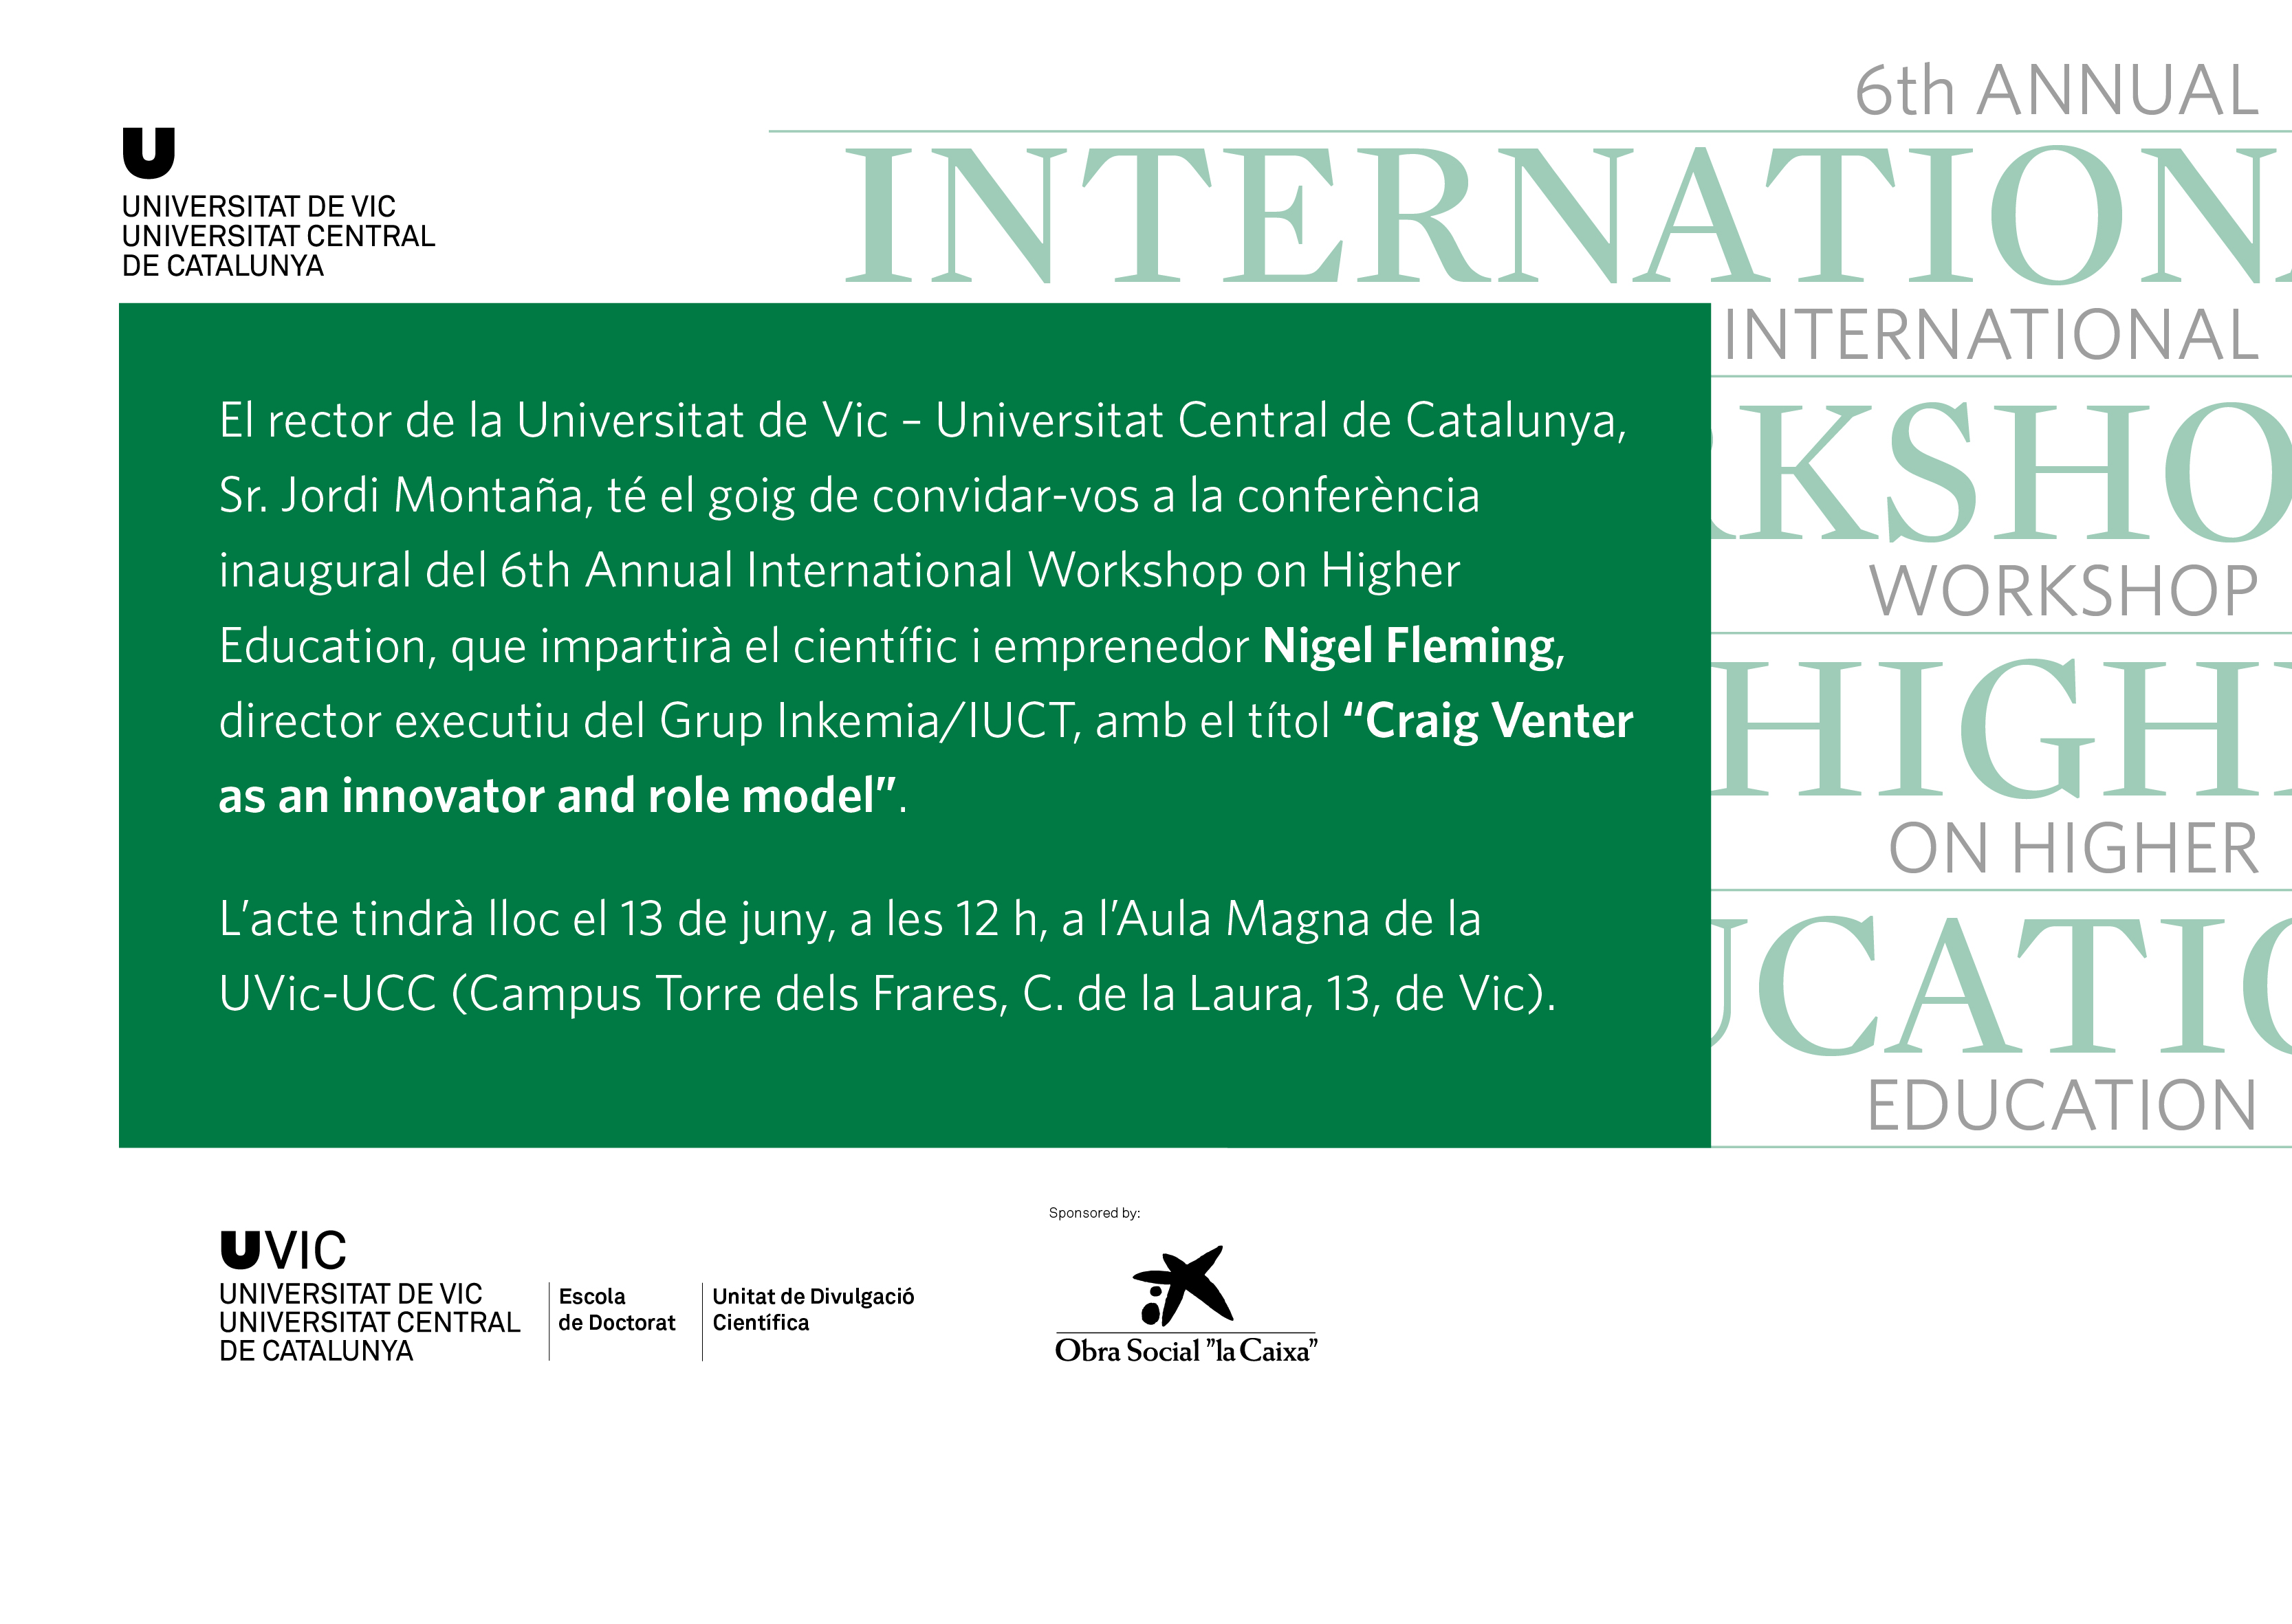 invitacio_conf_inaugural